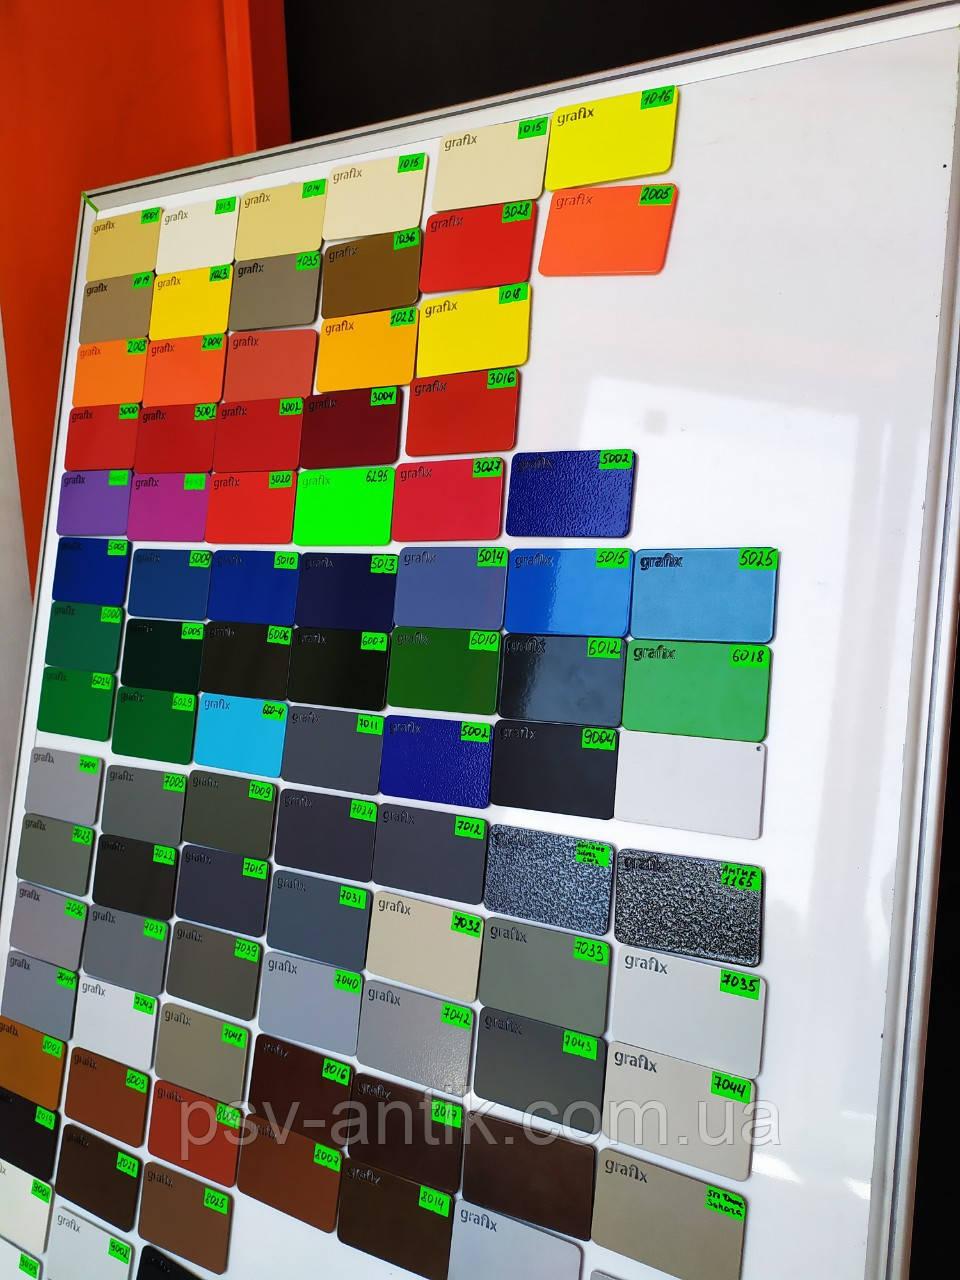 Порошковая краска полу-глянцевая, полиэфирная, архитектурная, 5002